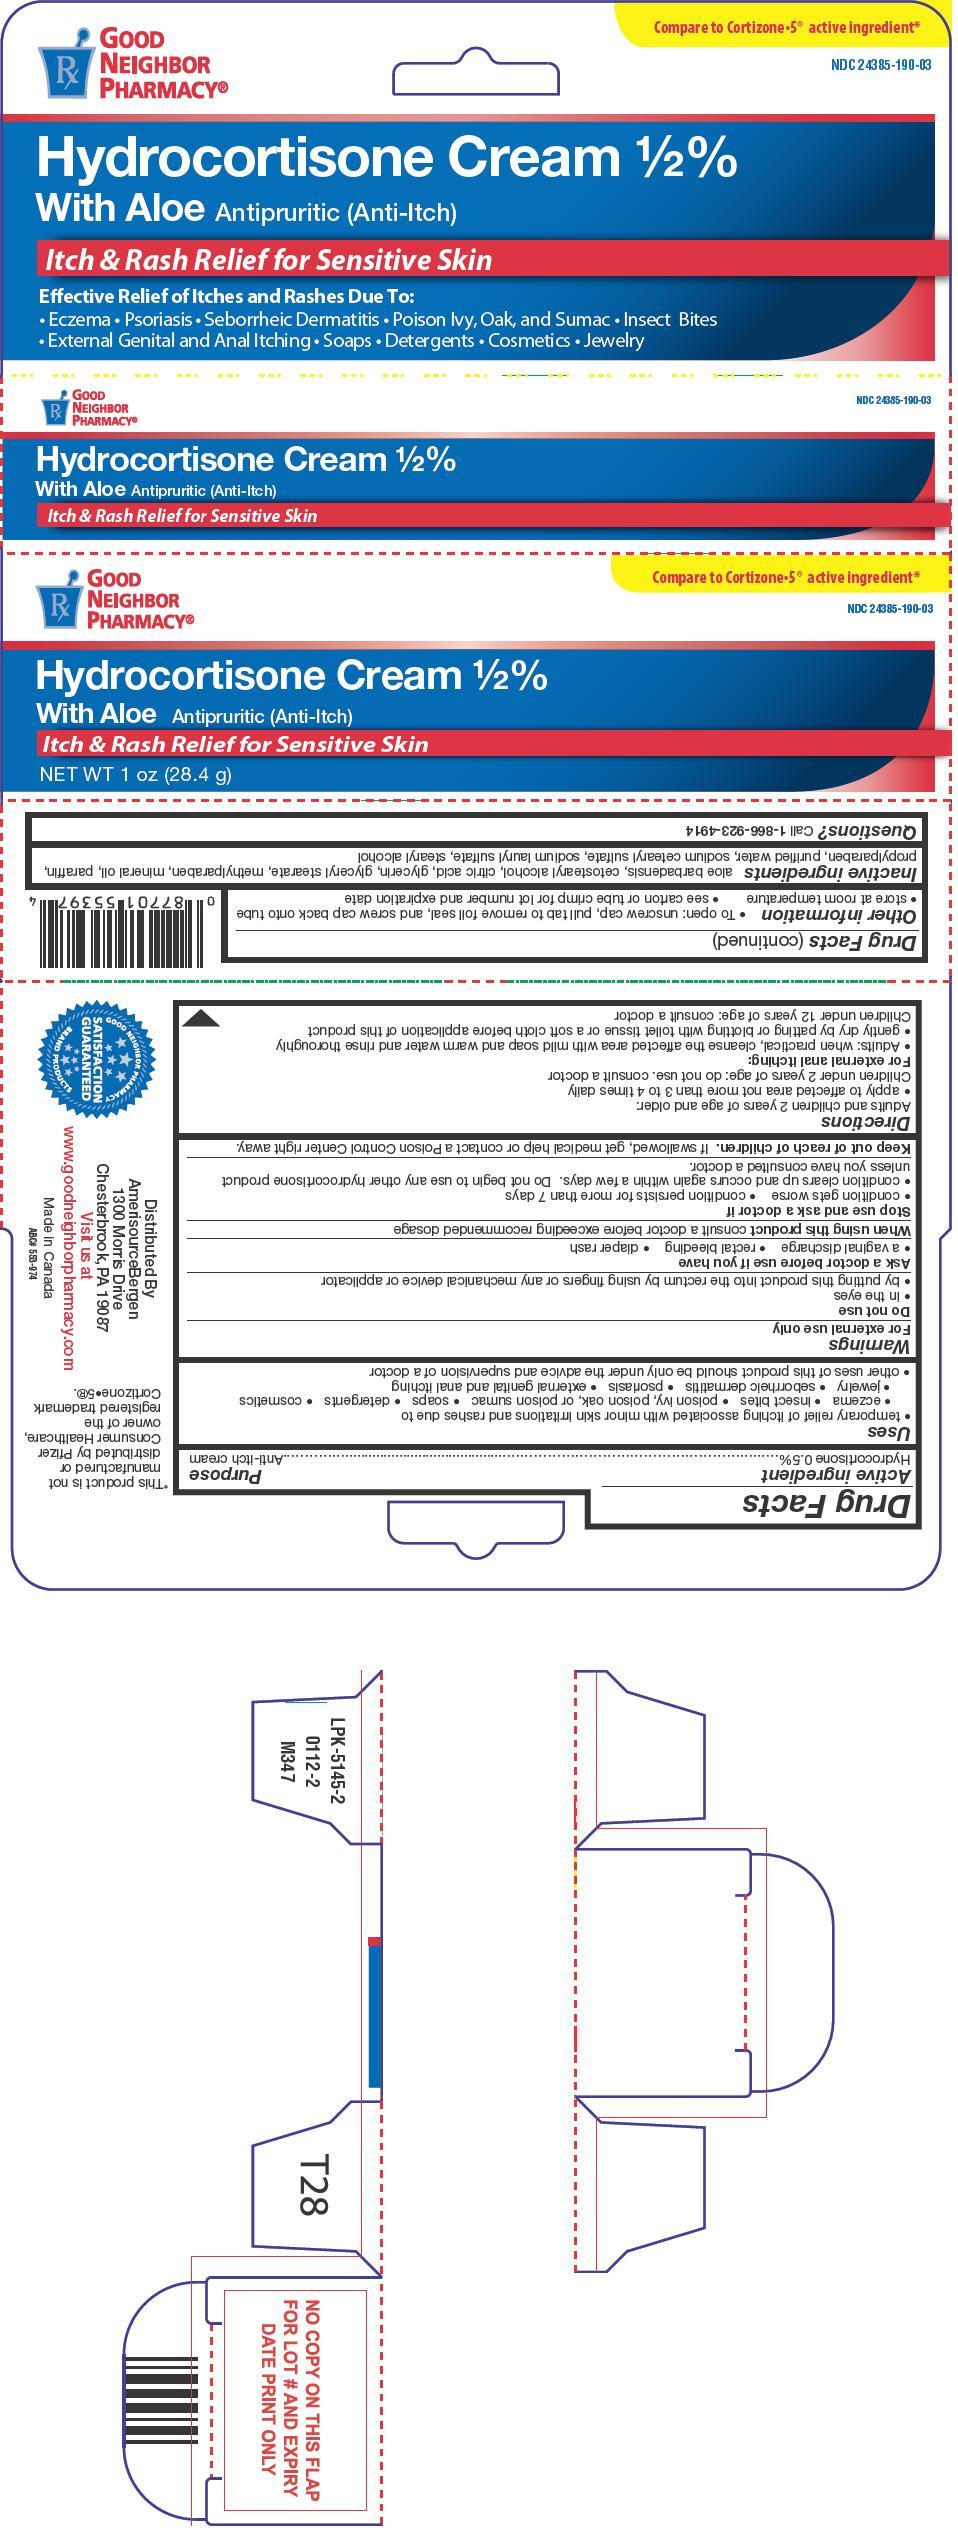 PRINCIPAL DISPLAY PANEL - 28.4 g Tube Carton